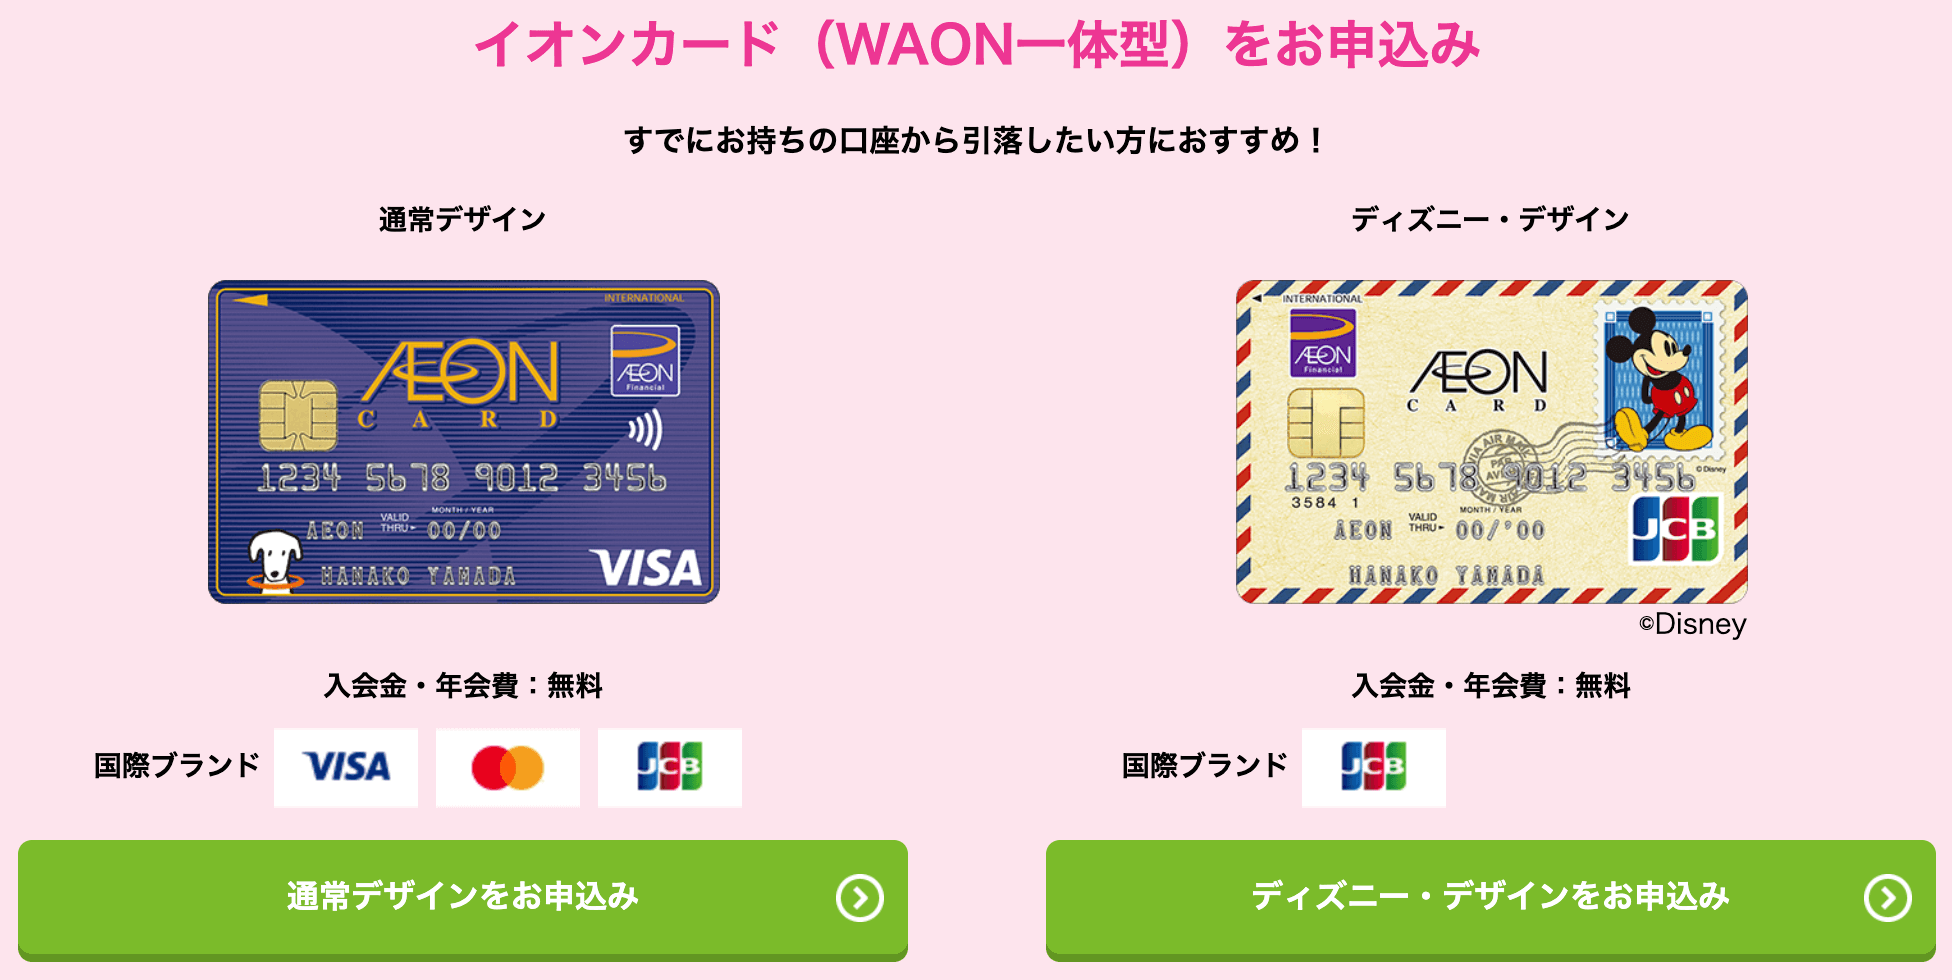 イオンカードの申し込み画面で券面デザインを確認